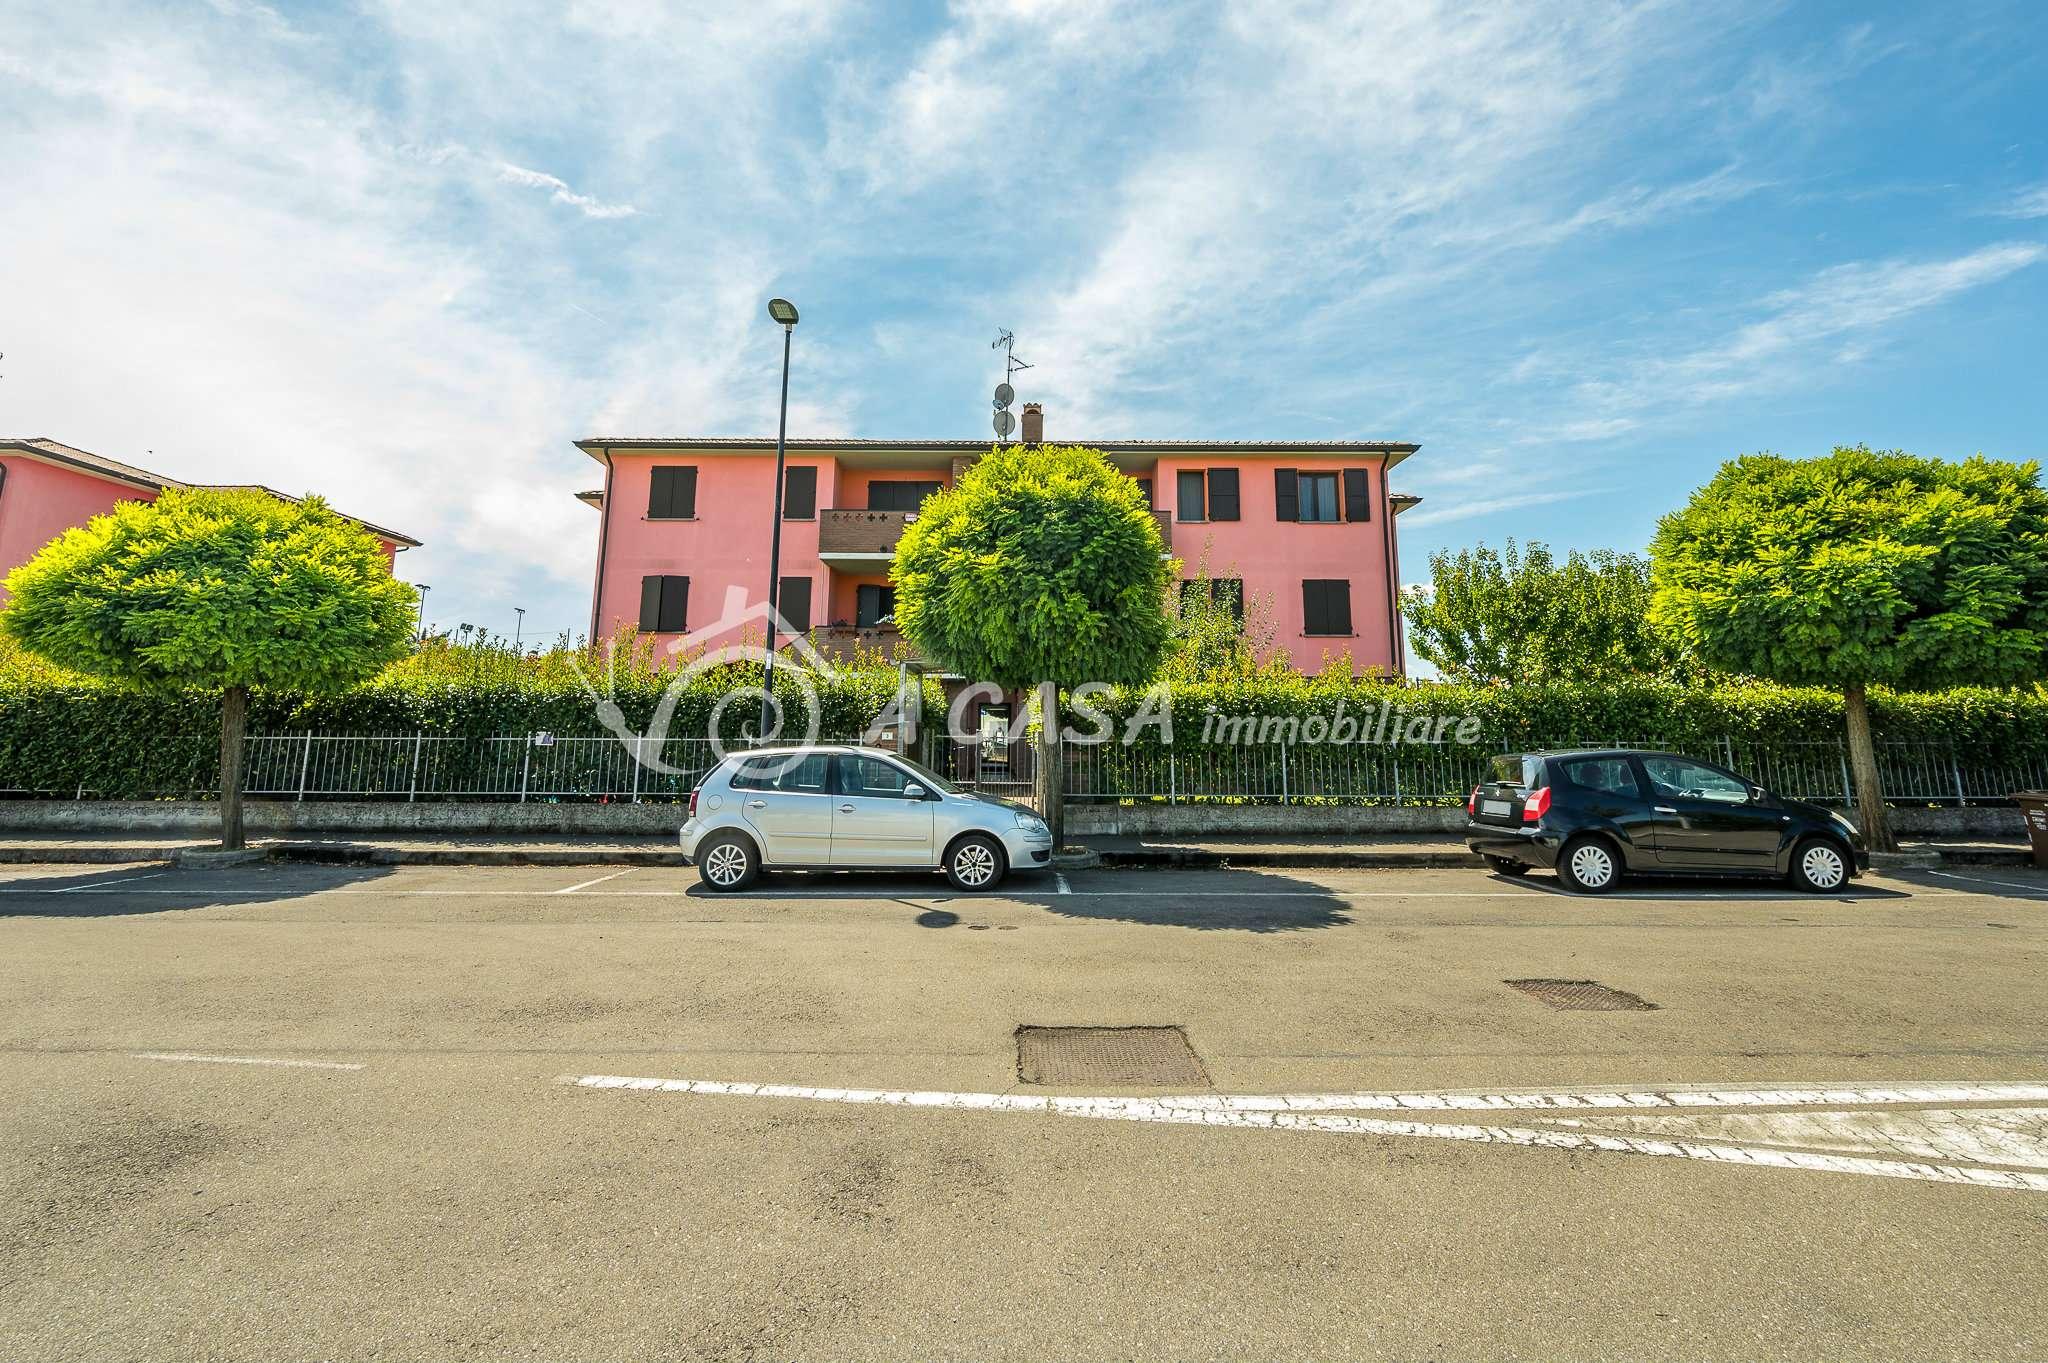 Appartamento in vendita a Sissa-Trecasali, 2 locali, prezzo € 105.000 | CambioCasa.it